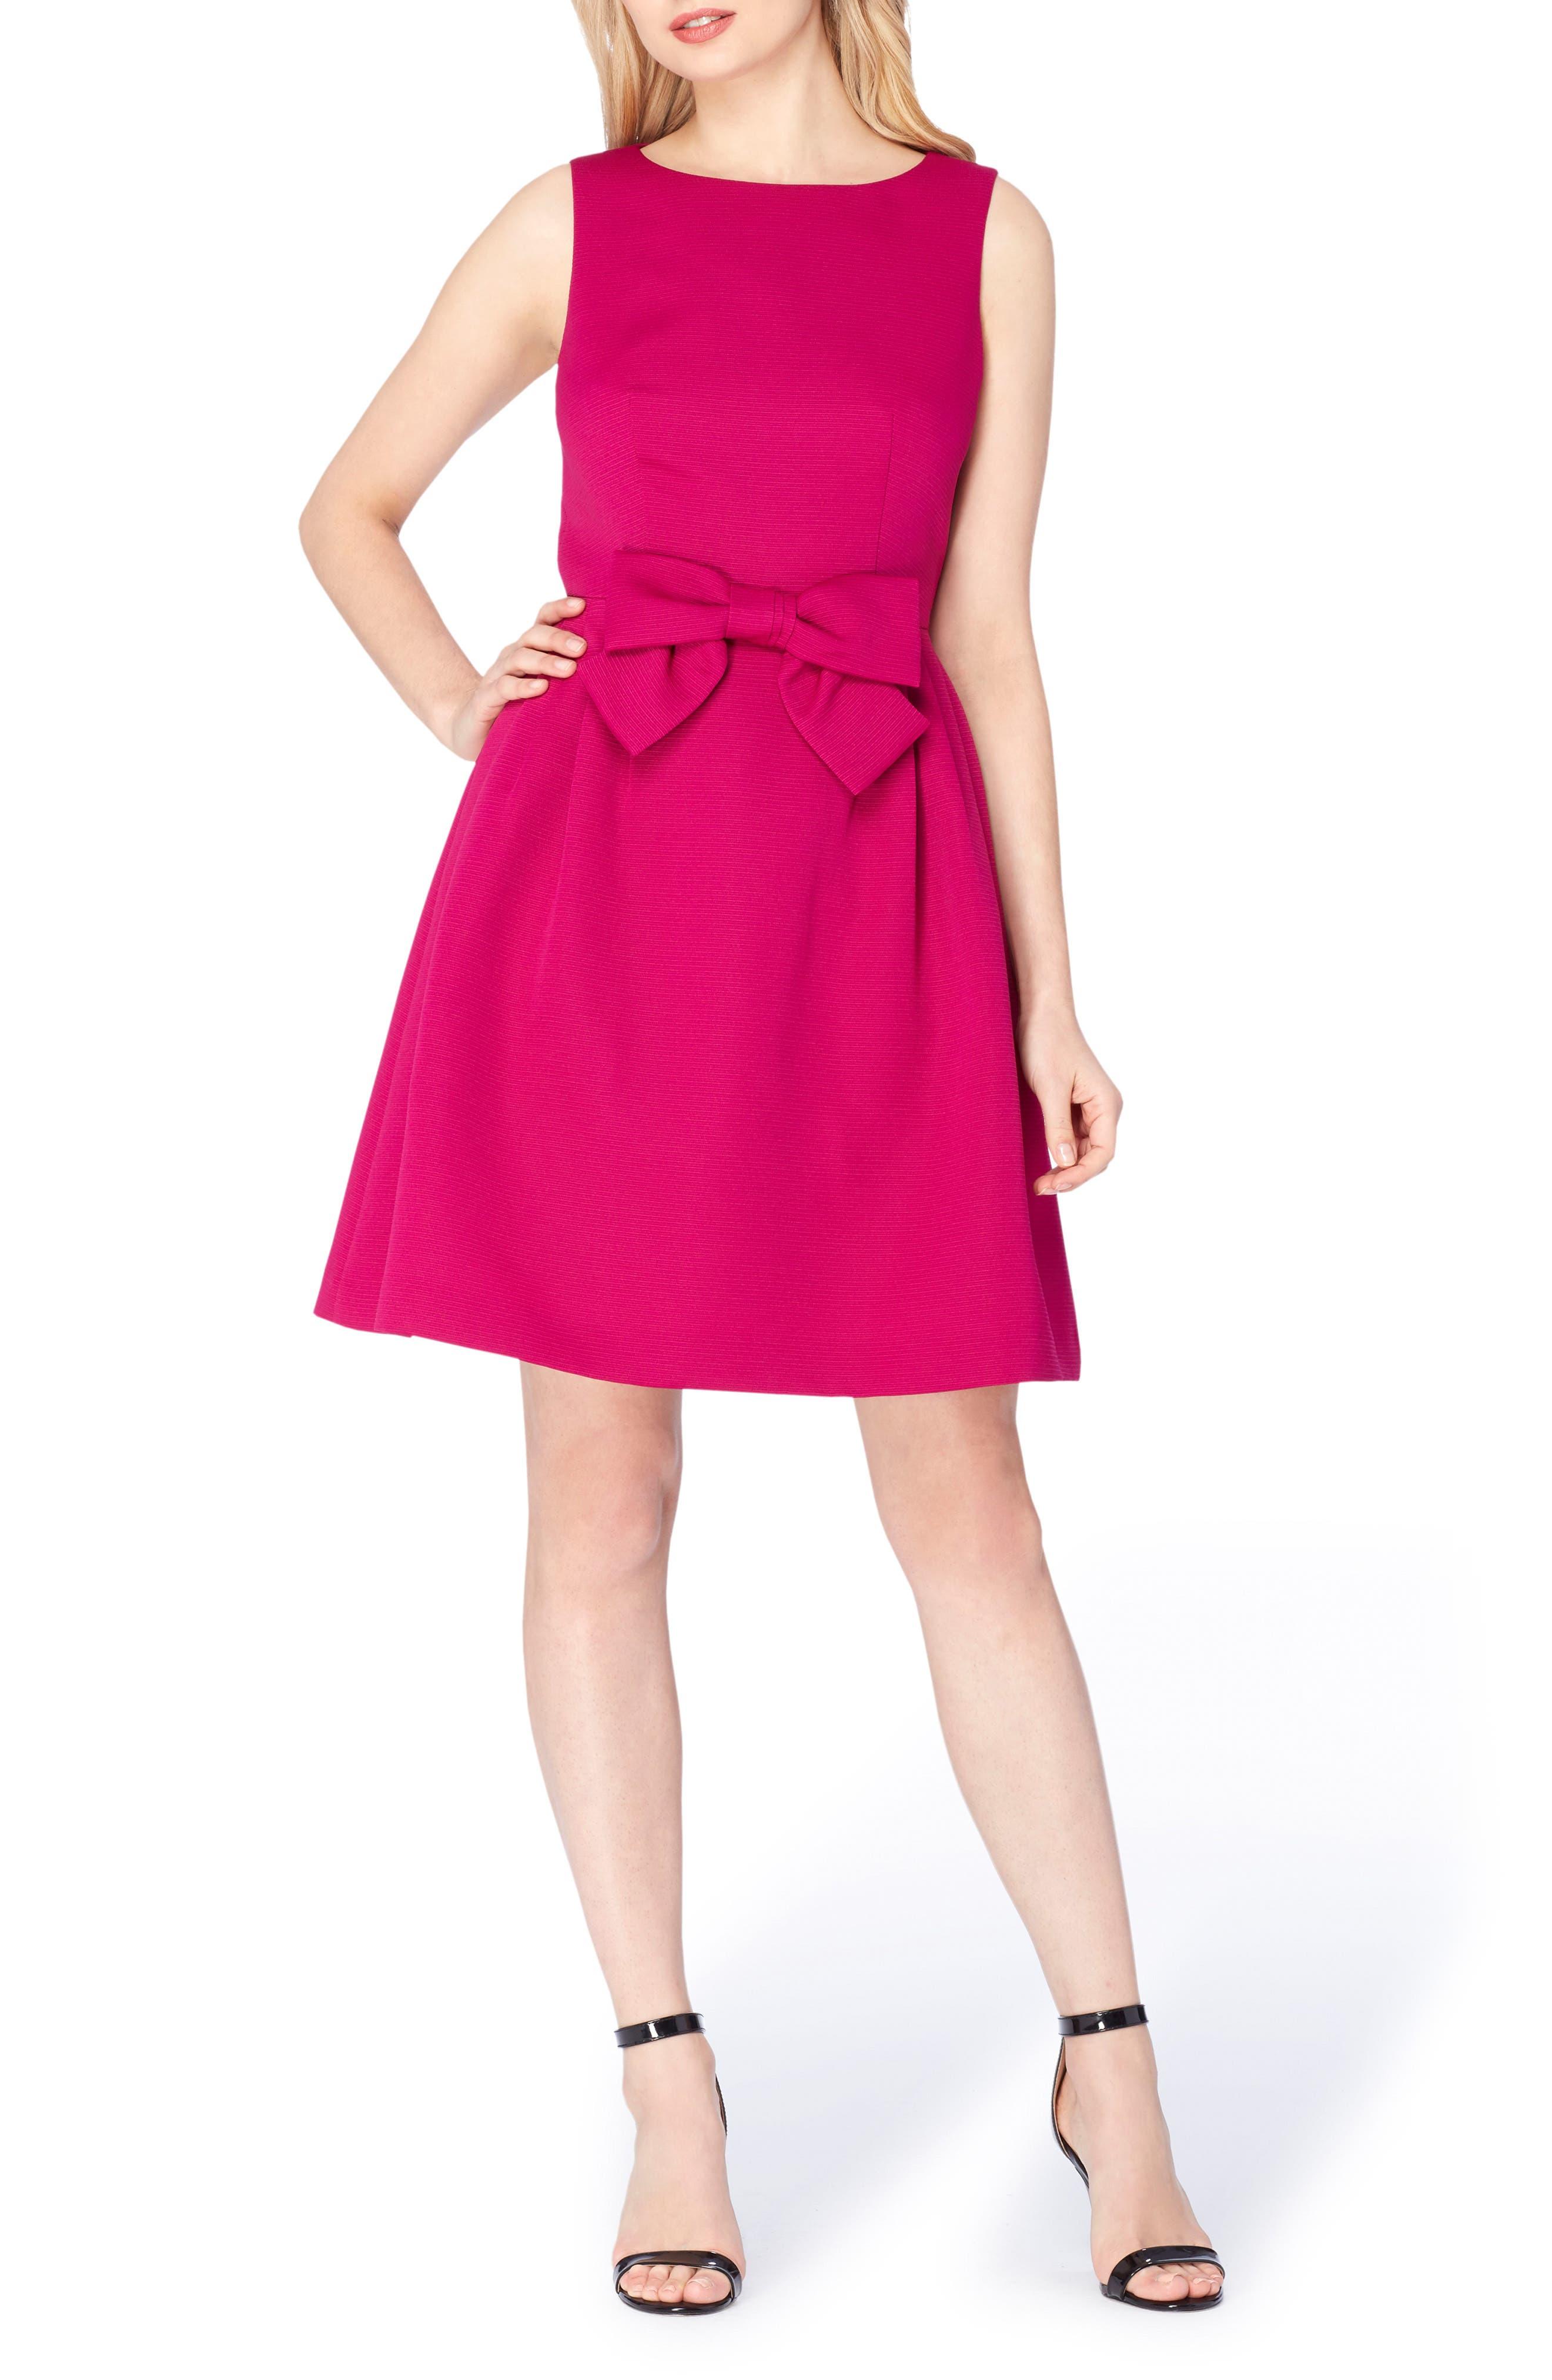 Tahari Bow Fit & Flare Dress (Petite)